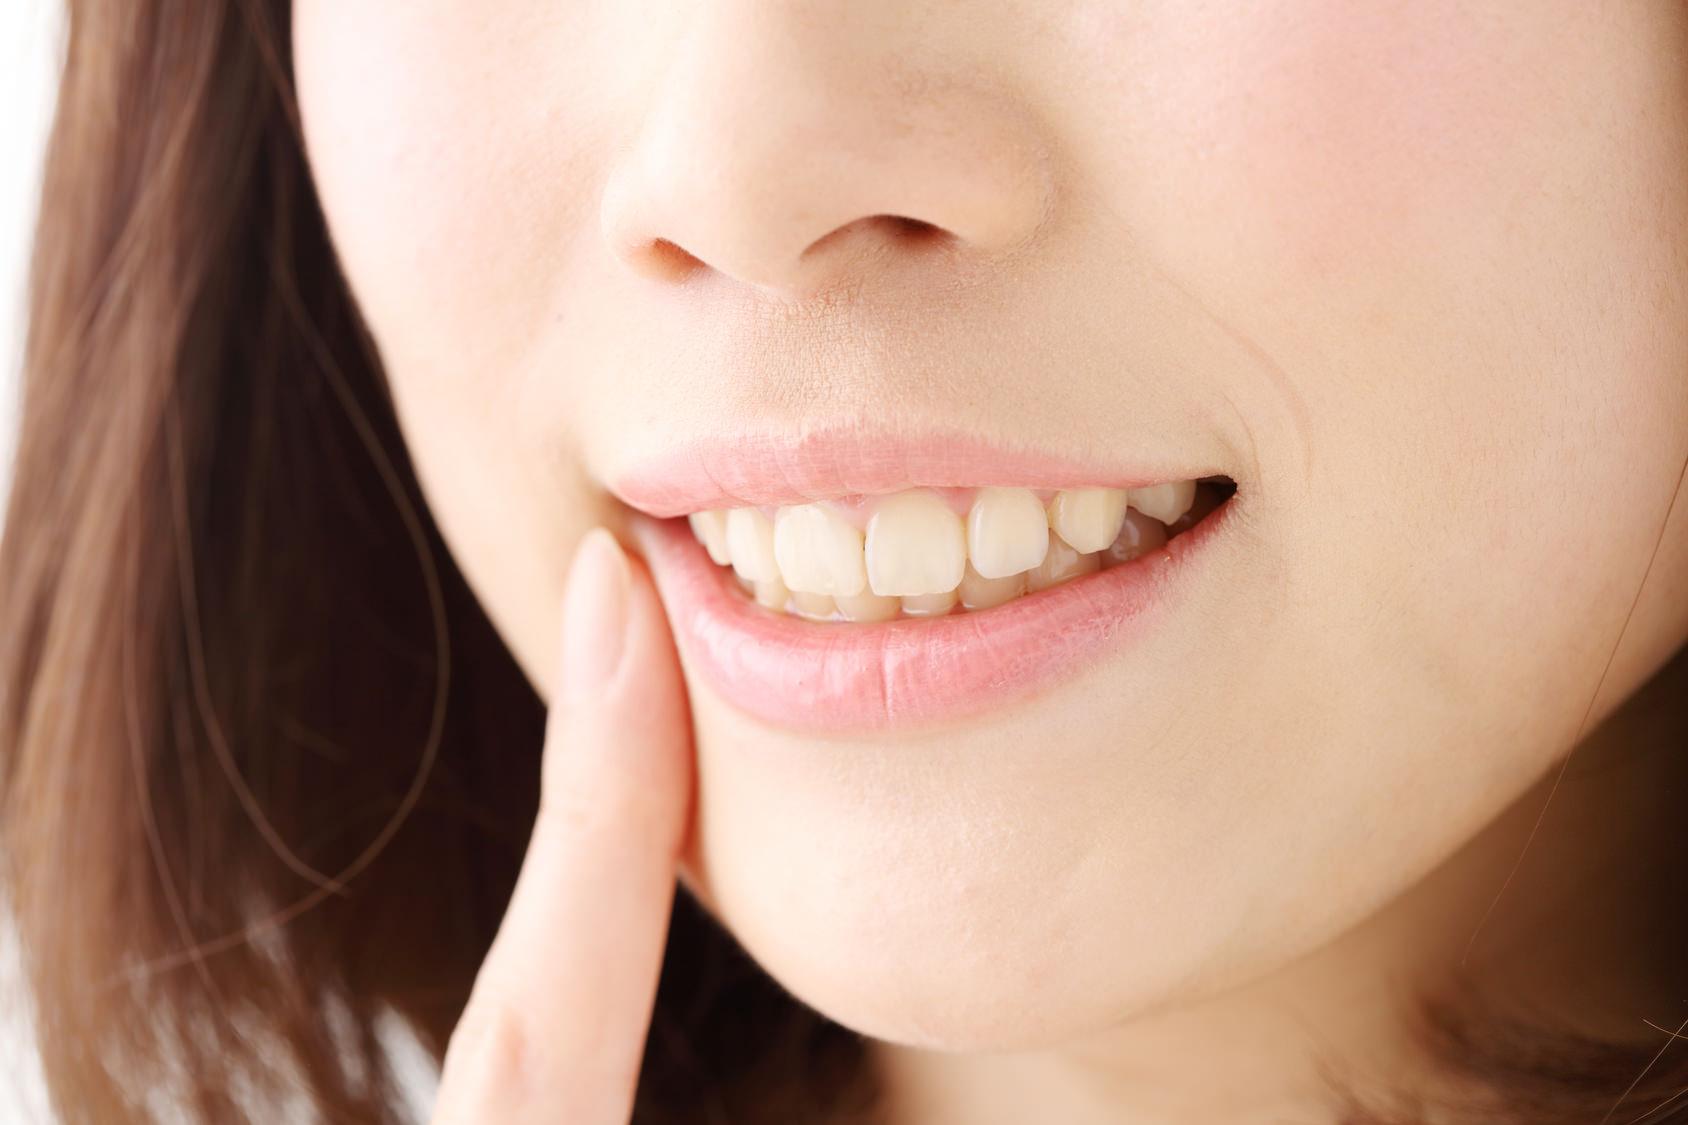 歯の矯正をしたいのですが、期間はどの程度かかりますか?(大人の場合)